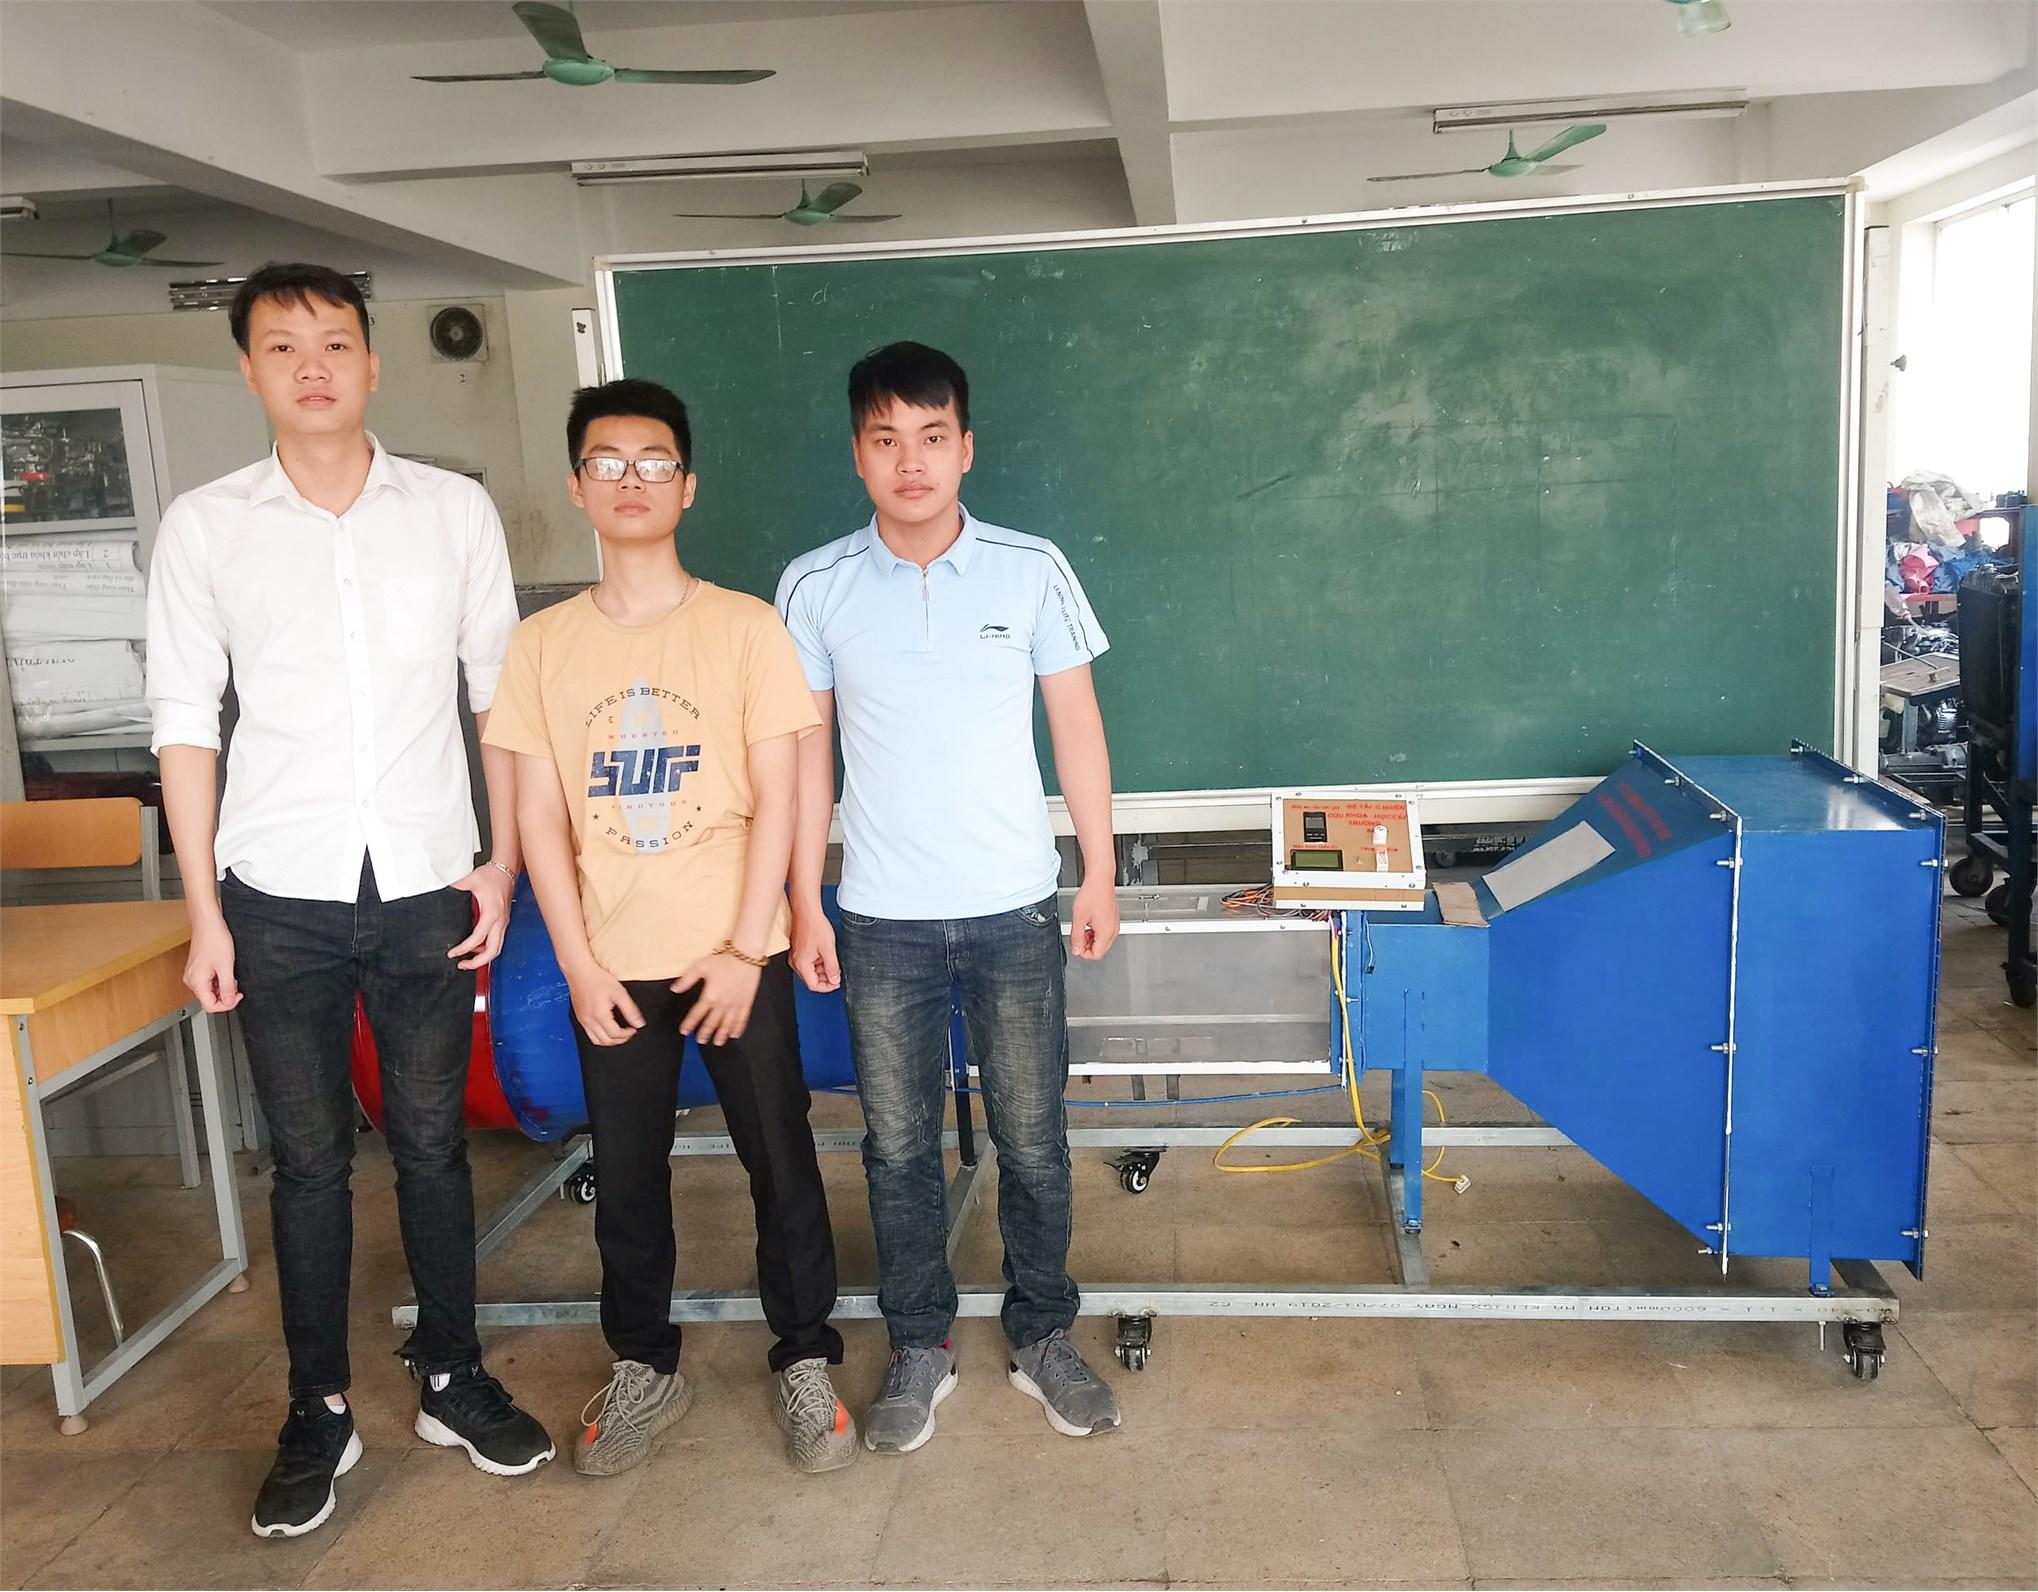 Sinh viên khoa Công nghệ Ô tô nghiên cứu chế tạo thiết bị đo xác định hệ số cản không khí trong thiết kế khung vỏ ô tô